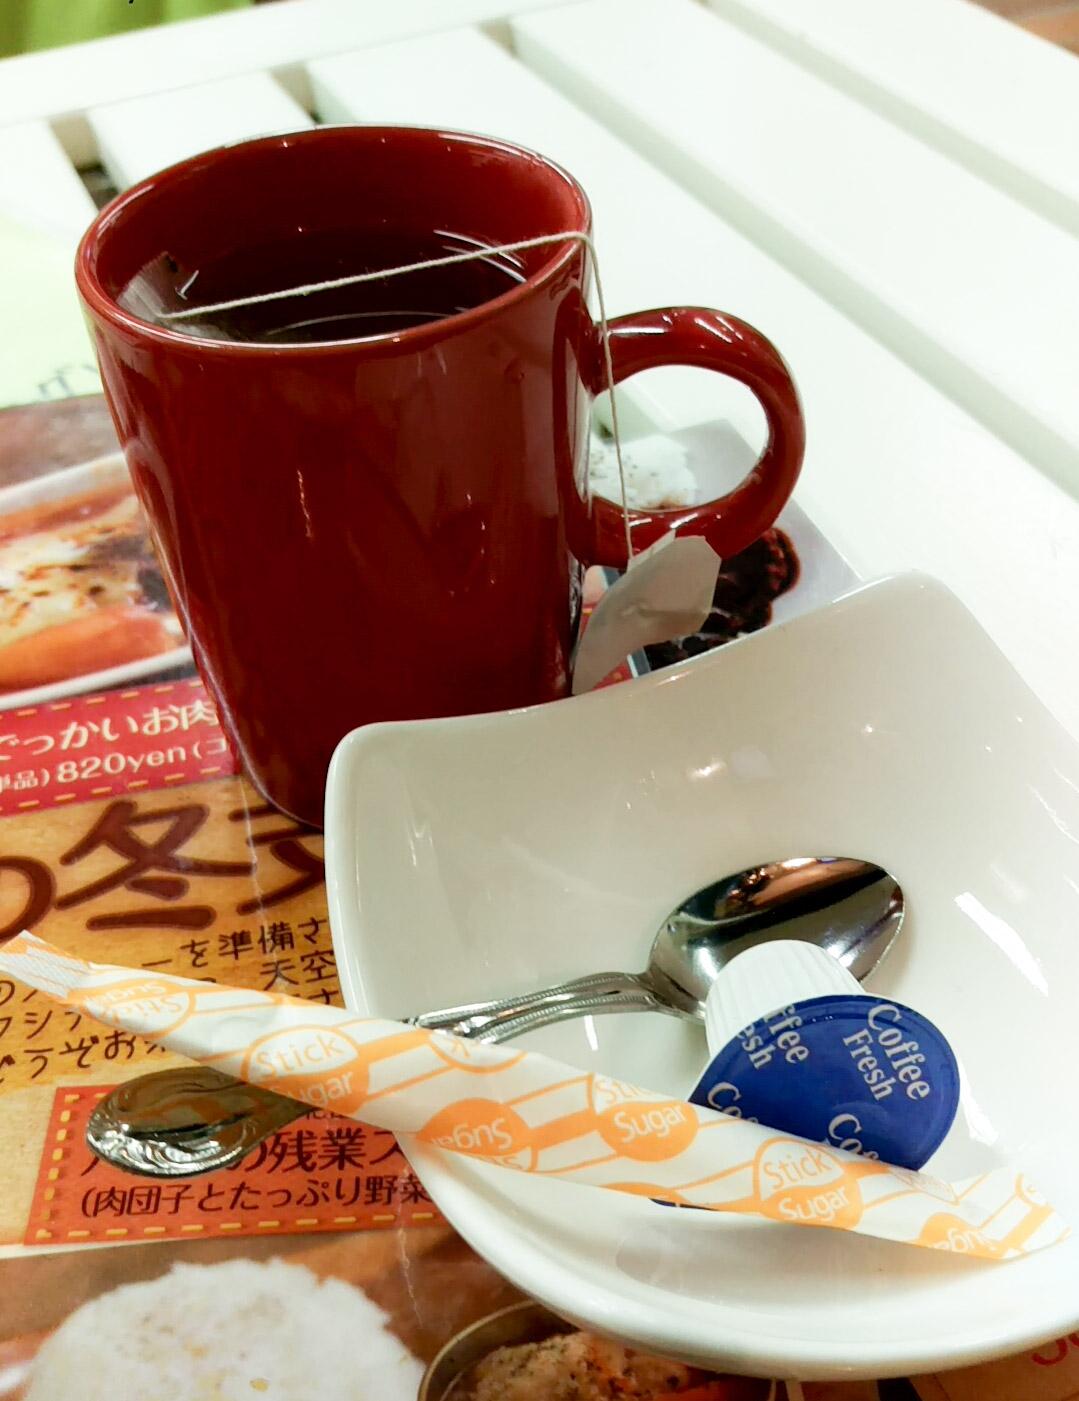 先に紅茶が運ばれてきた アールグレイの良い香りがたまらない!